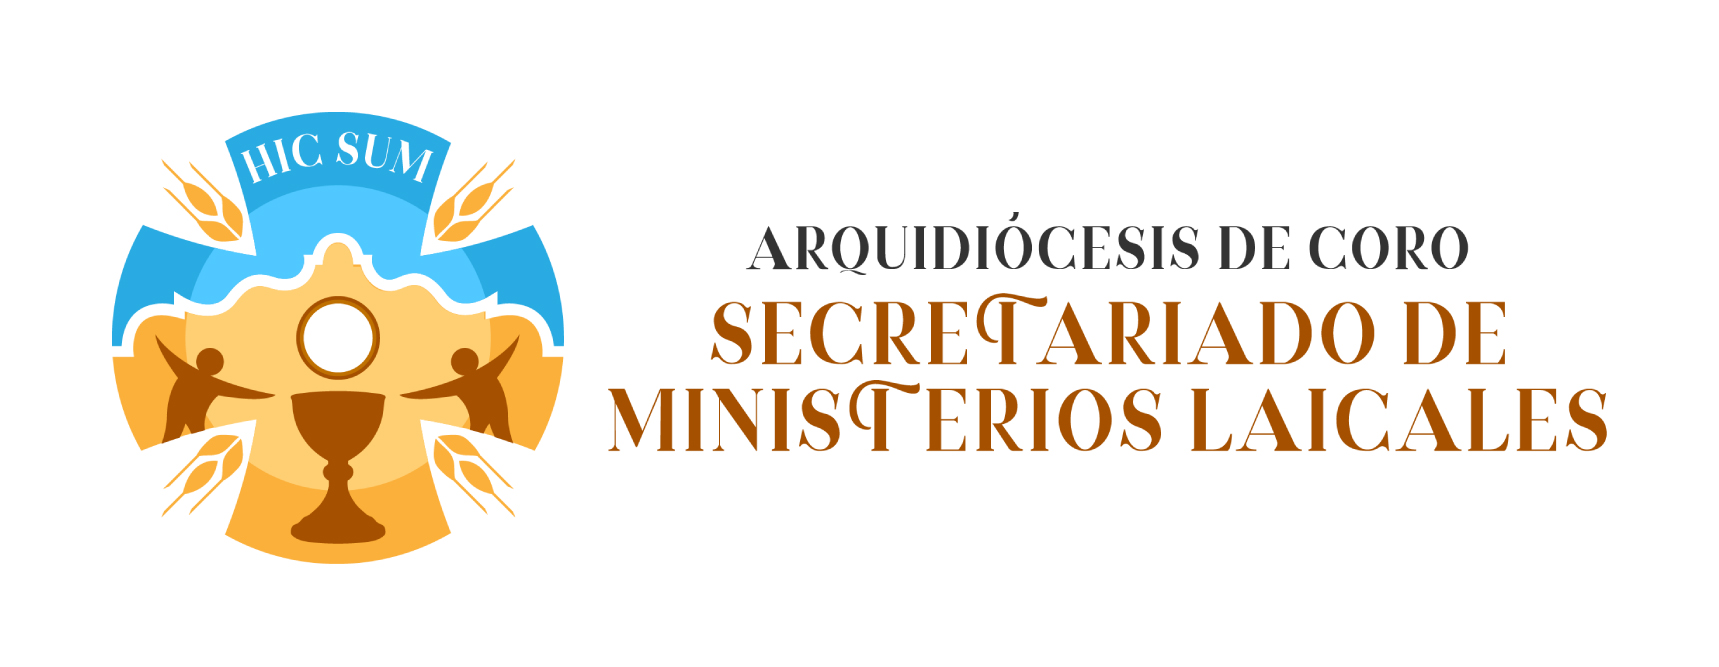 Secretariado de Ministerios Laicales ahora también en las redes sociales